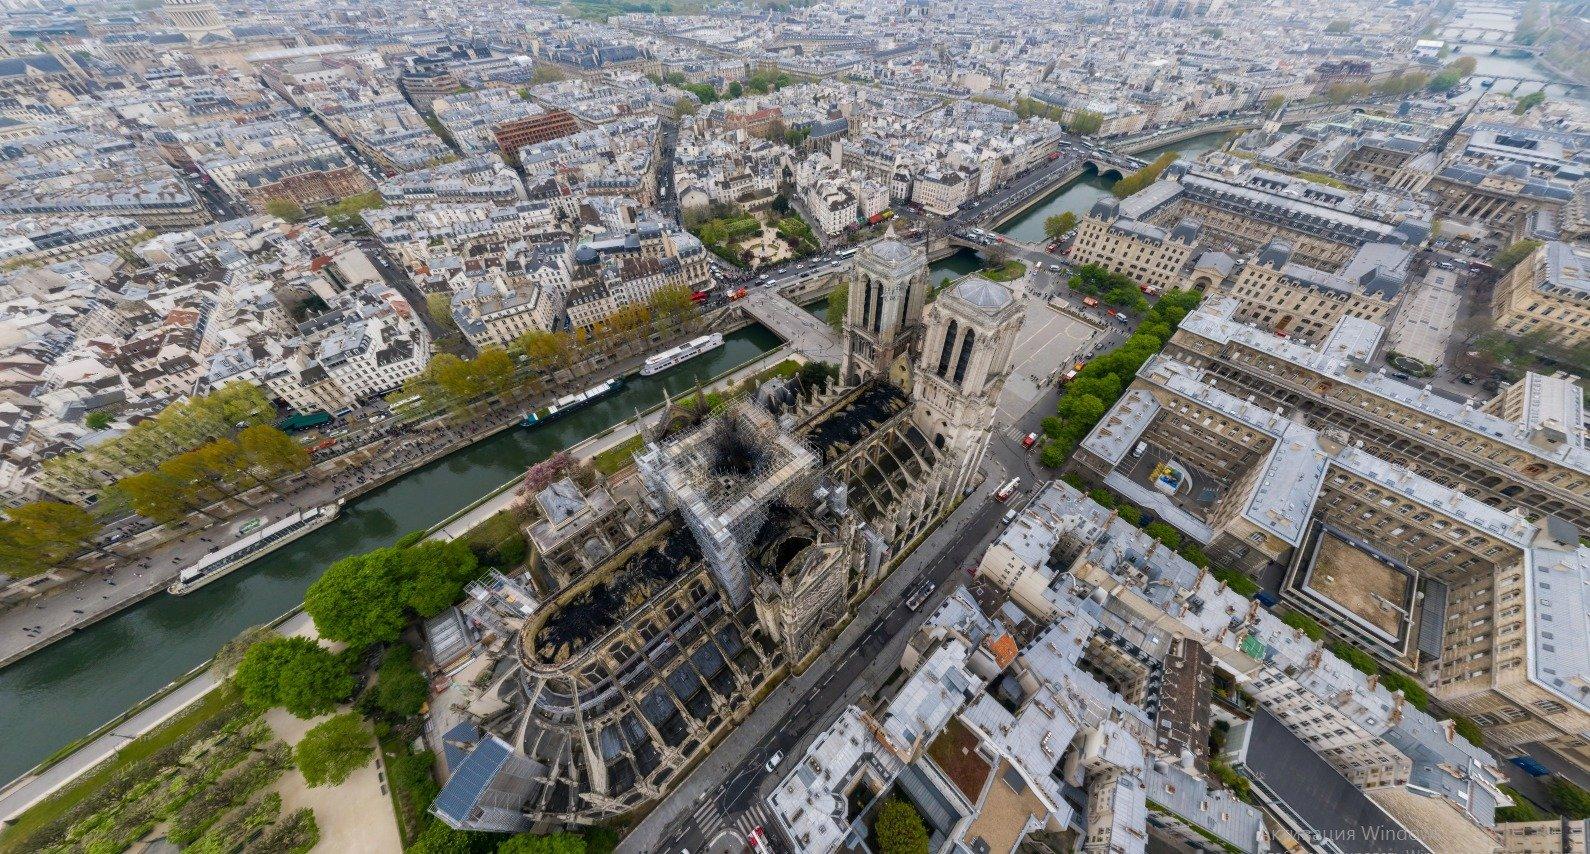 Розбите серце Парижа: у мережі показали, як виглядає Нотр-Дам-де-Парі з висоти пташиного польоту